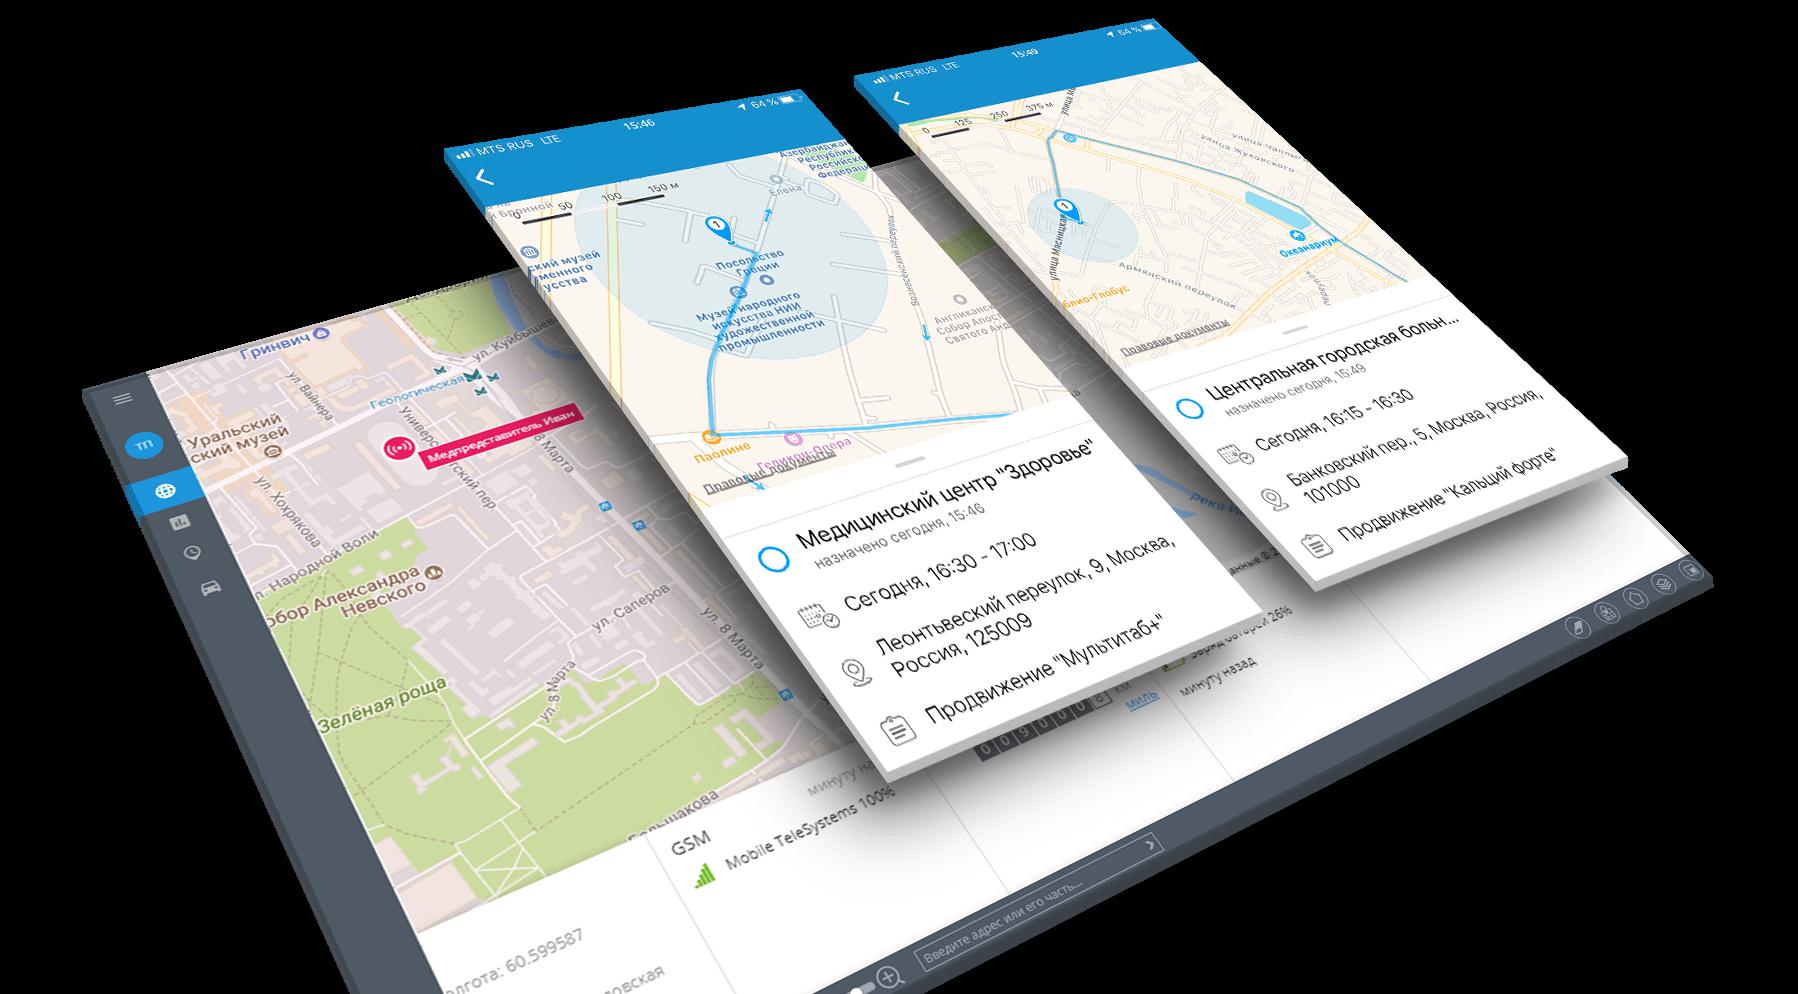 ГЛОНАСС / GPS решение для фармацевтической сферы